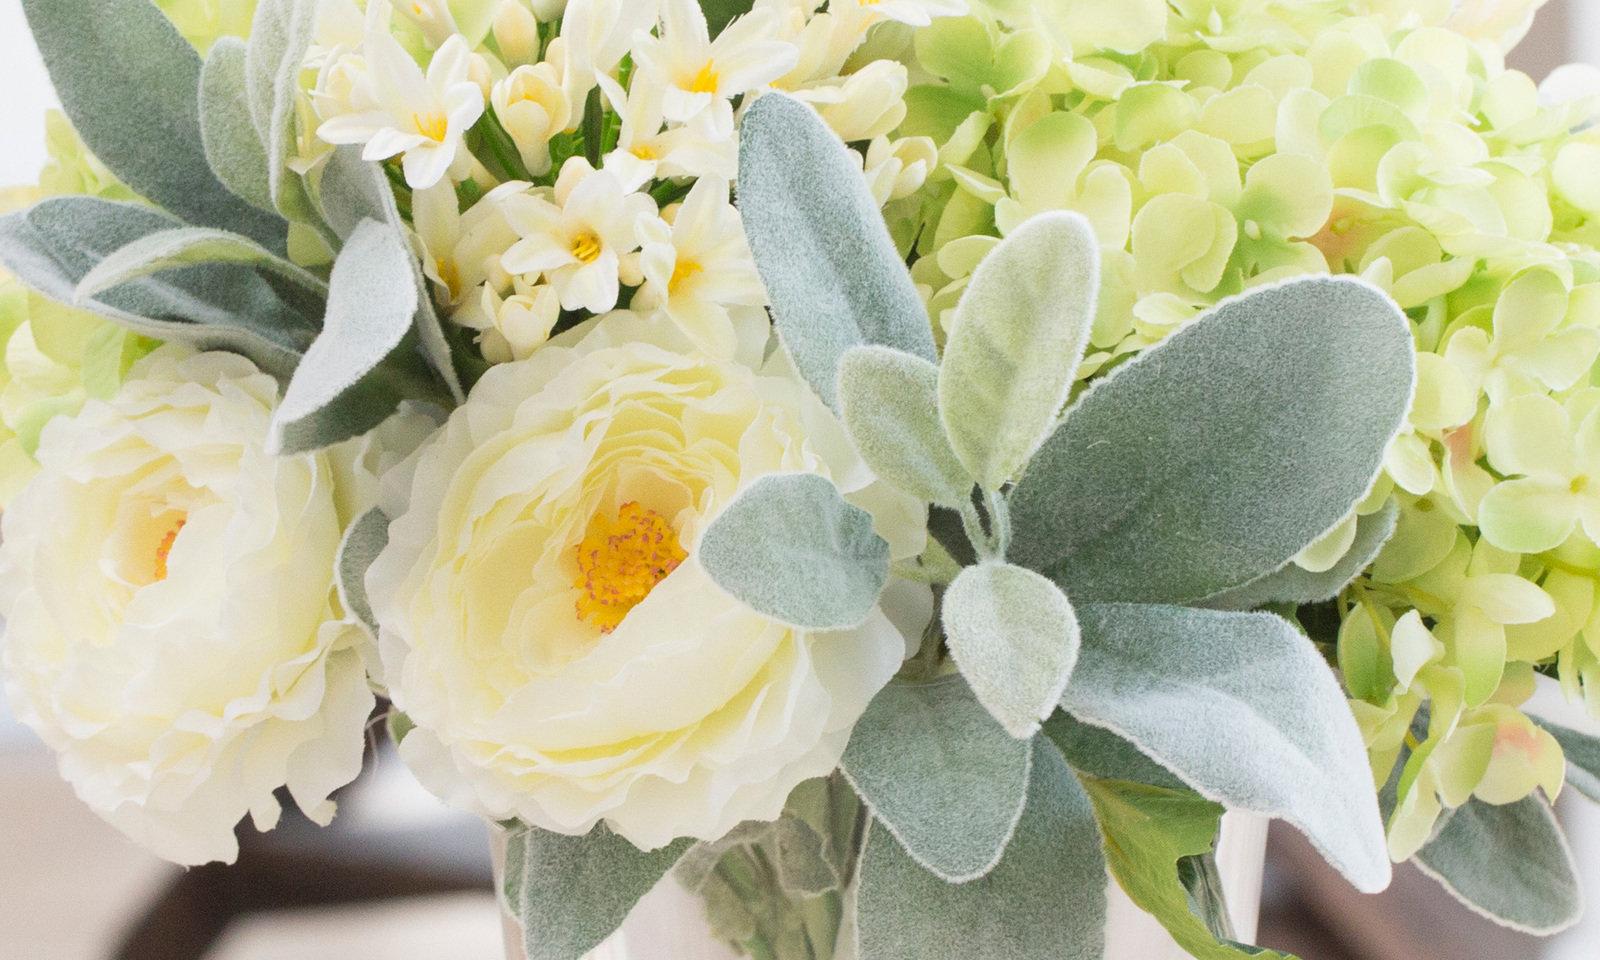 Inmyroom | Композиция из искусственных цветов - салатовая гортензия, ранункулюсы, агапантус | Clouty